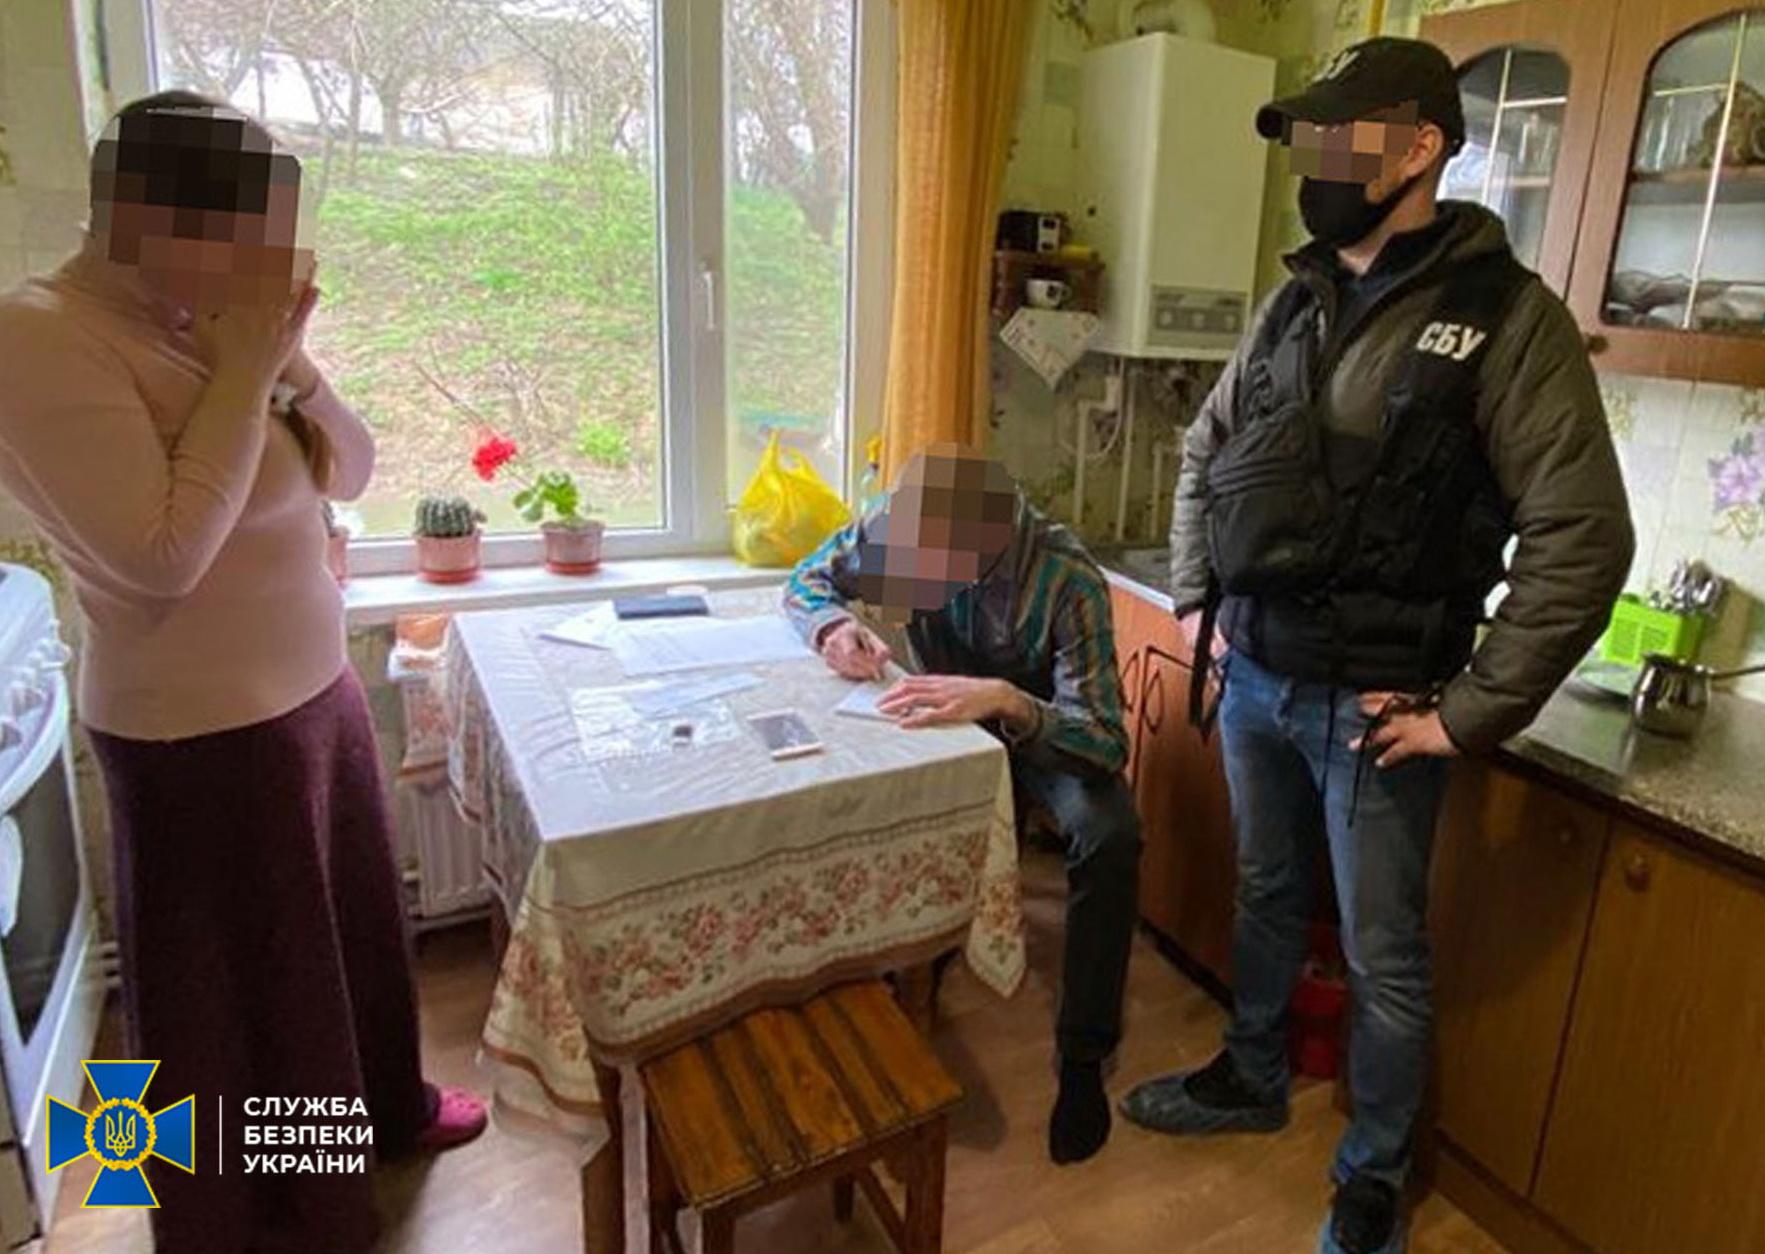 Кіберфахівці СБУ викрили проросійську агітаторку на Черкащині